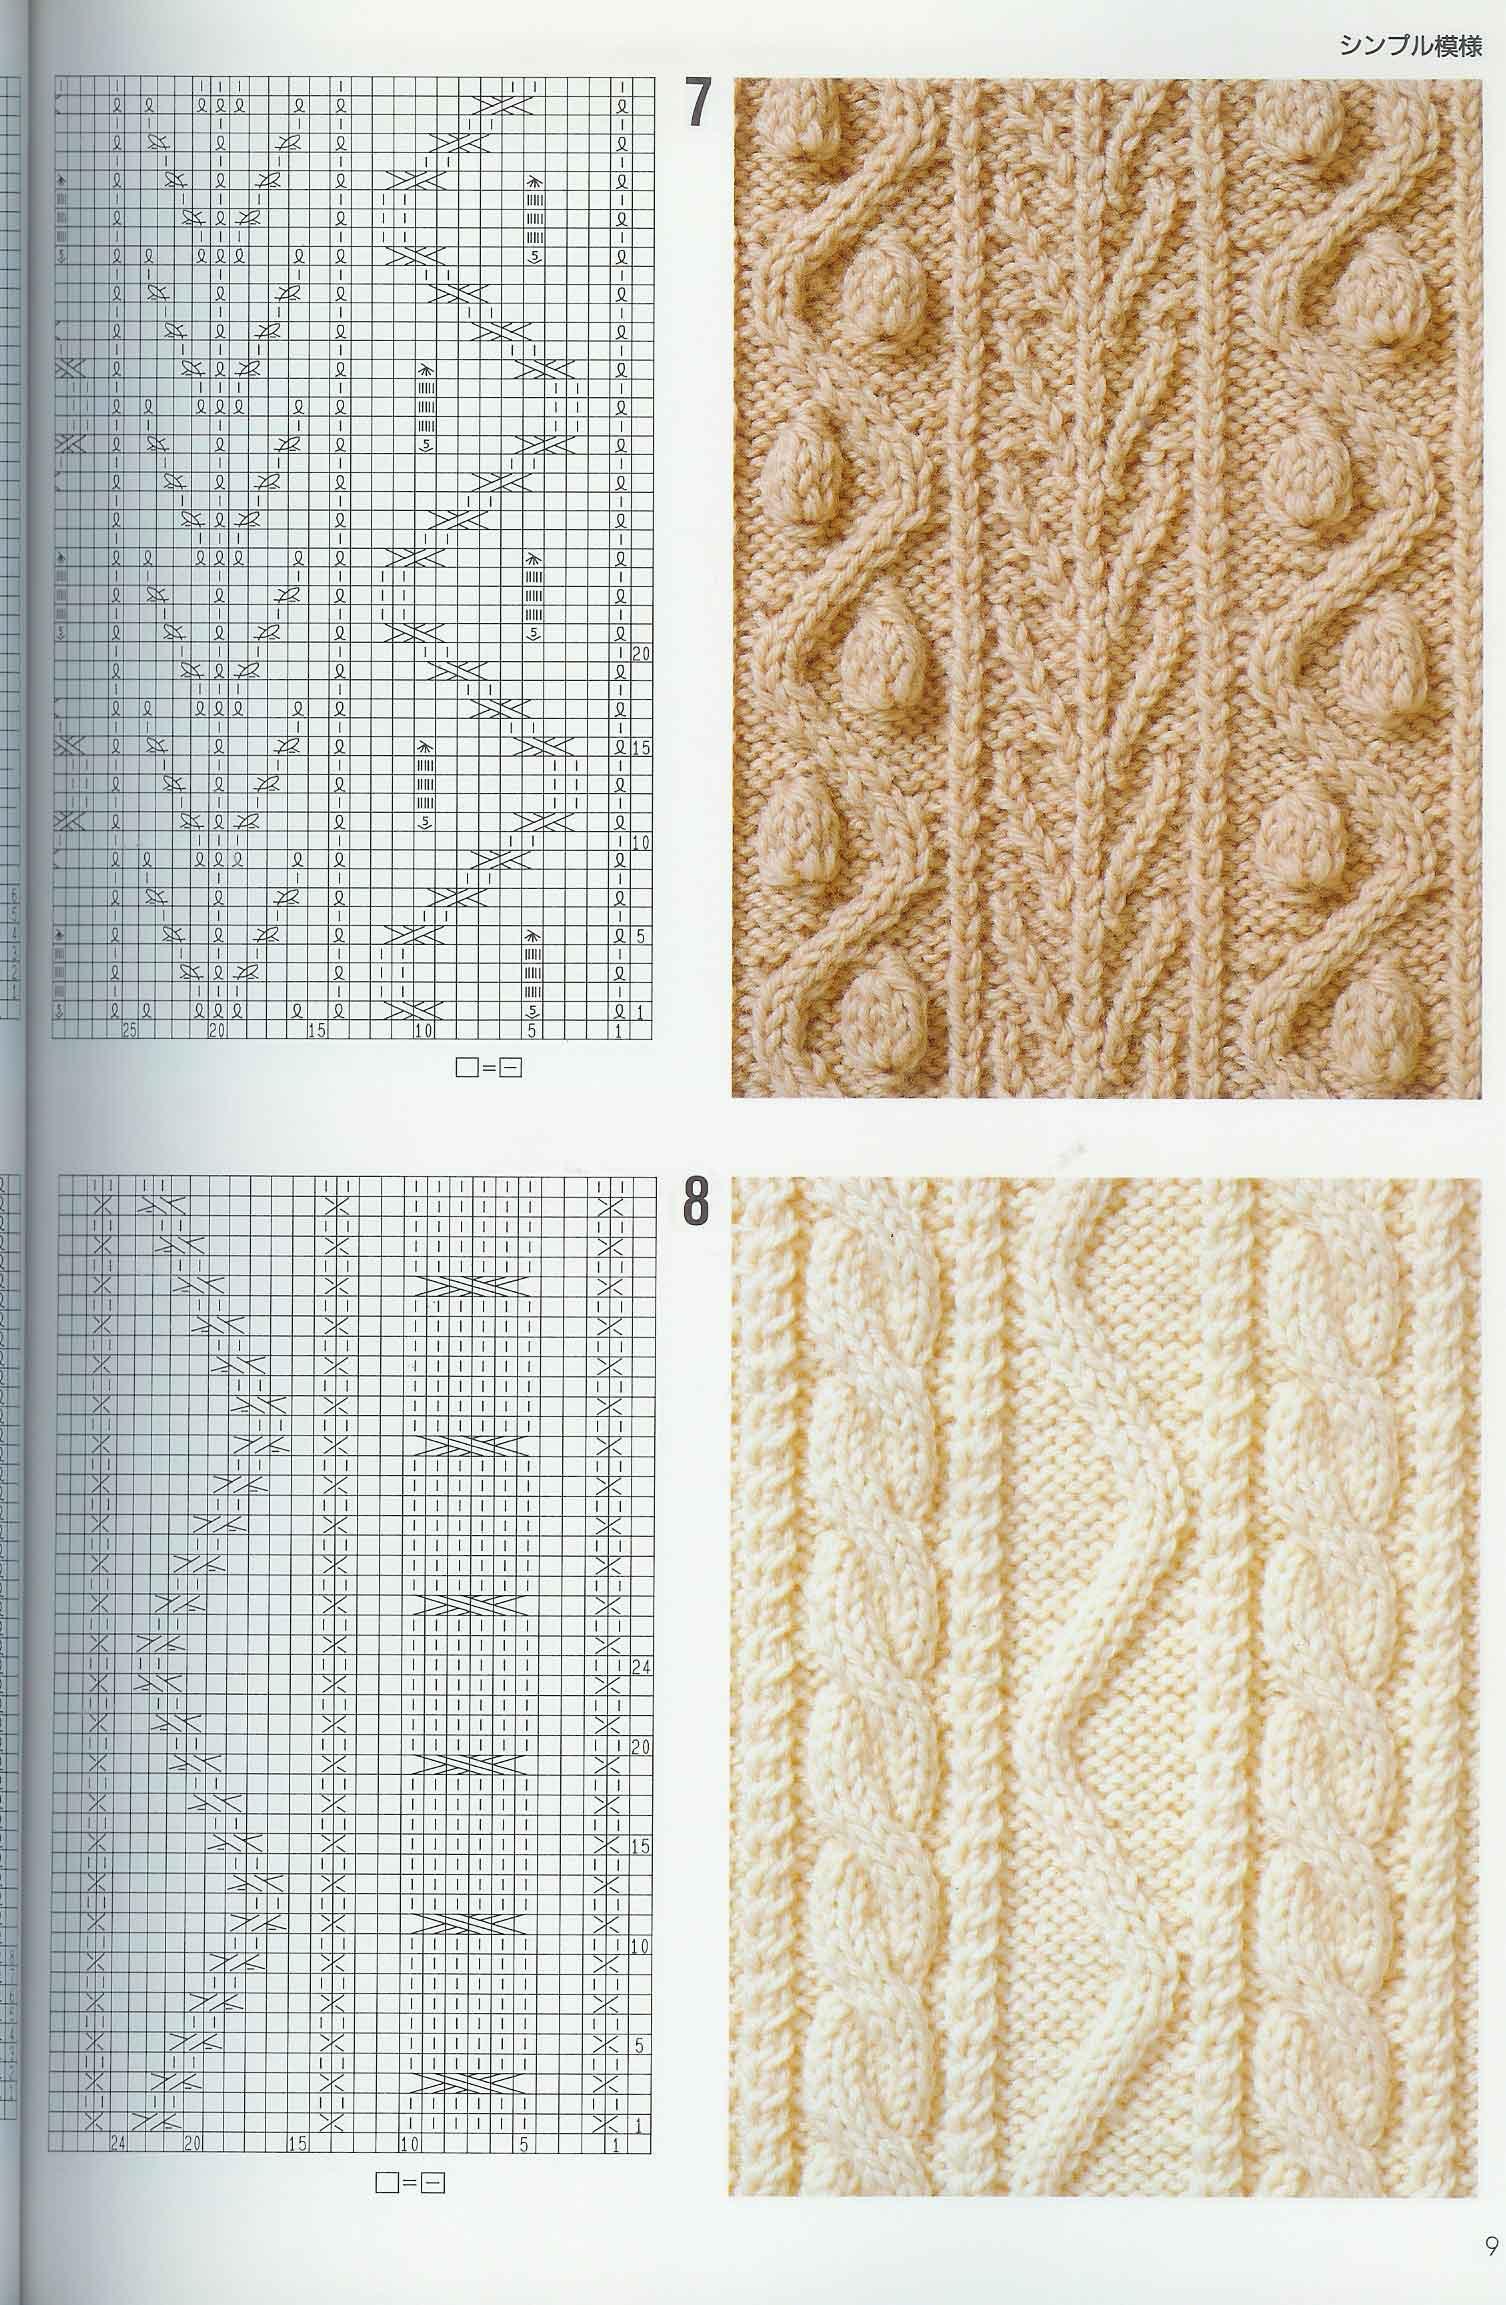 Вязанные жгуты схемы спицами: 32 варианта с. - Вязание 23